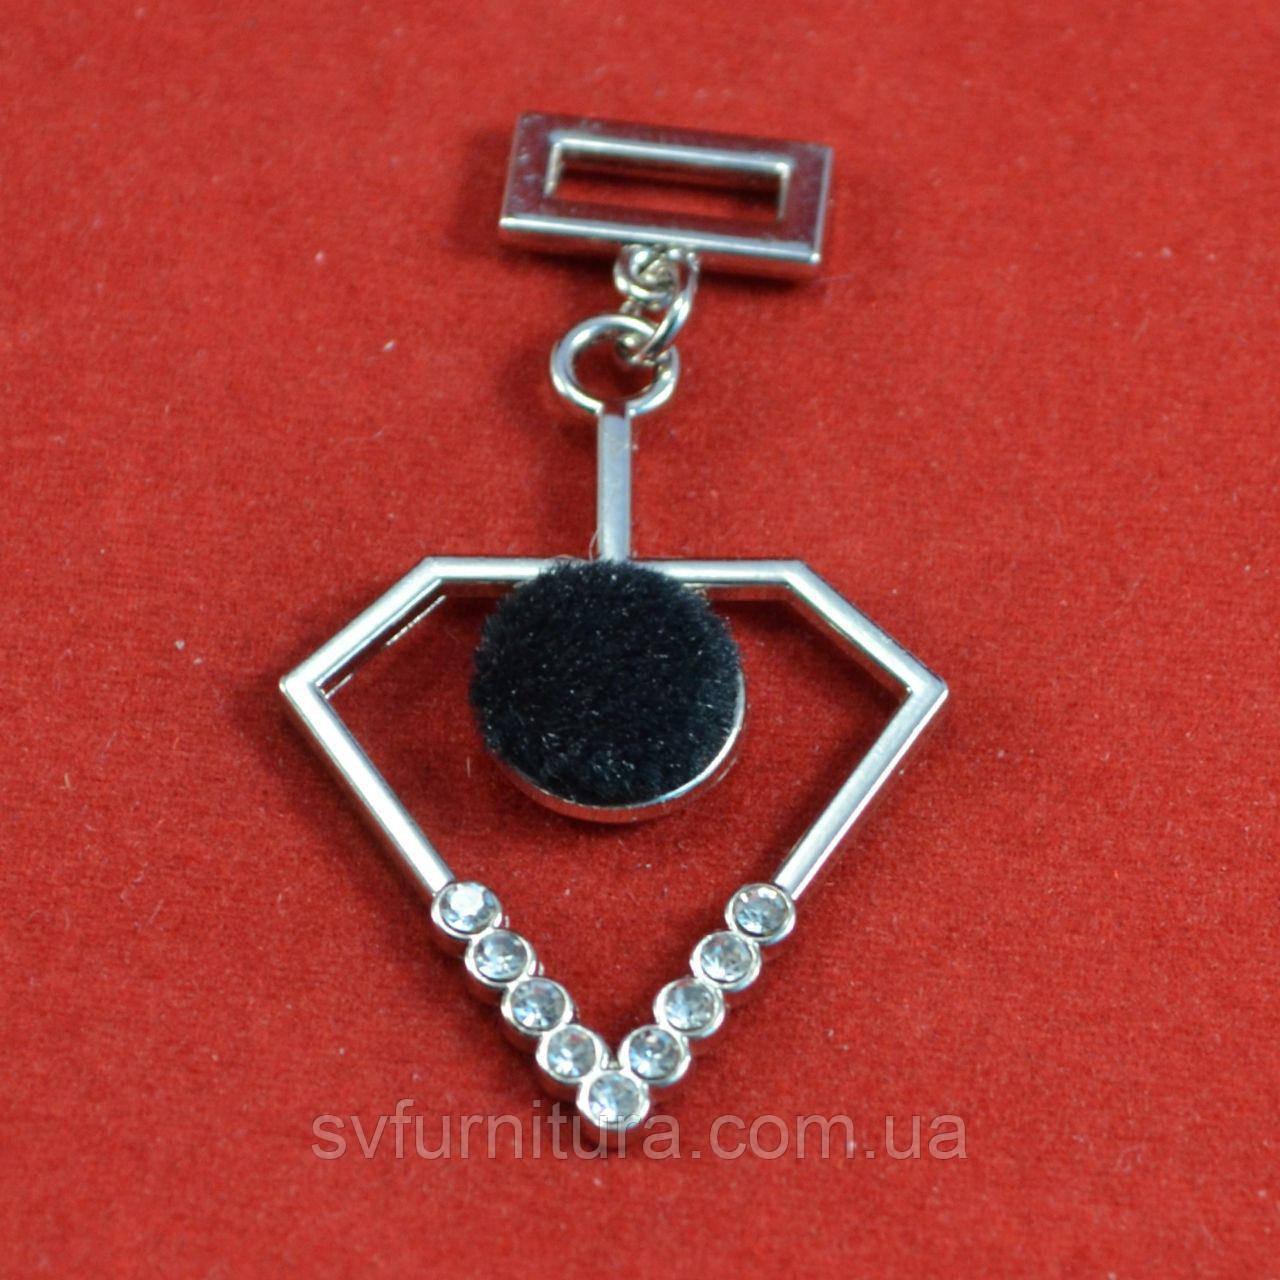 Аксессуар А 55 серебро